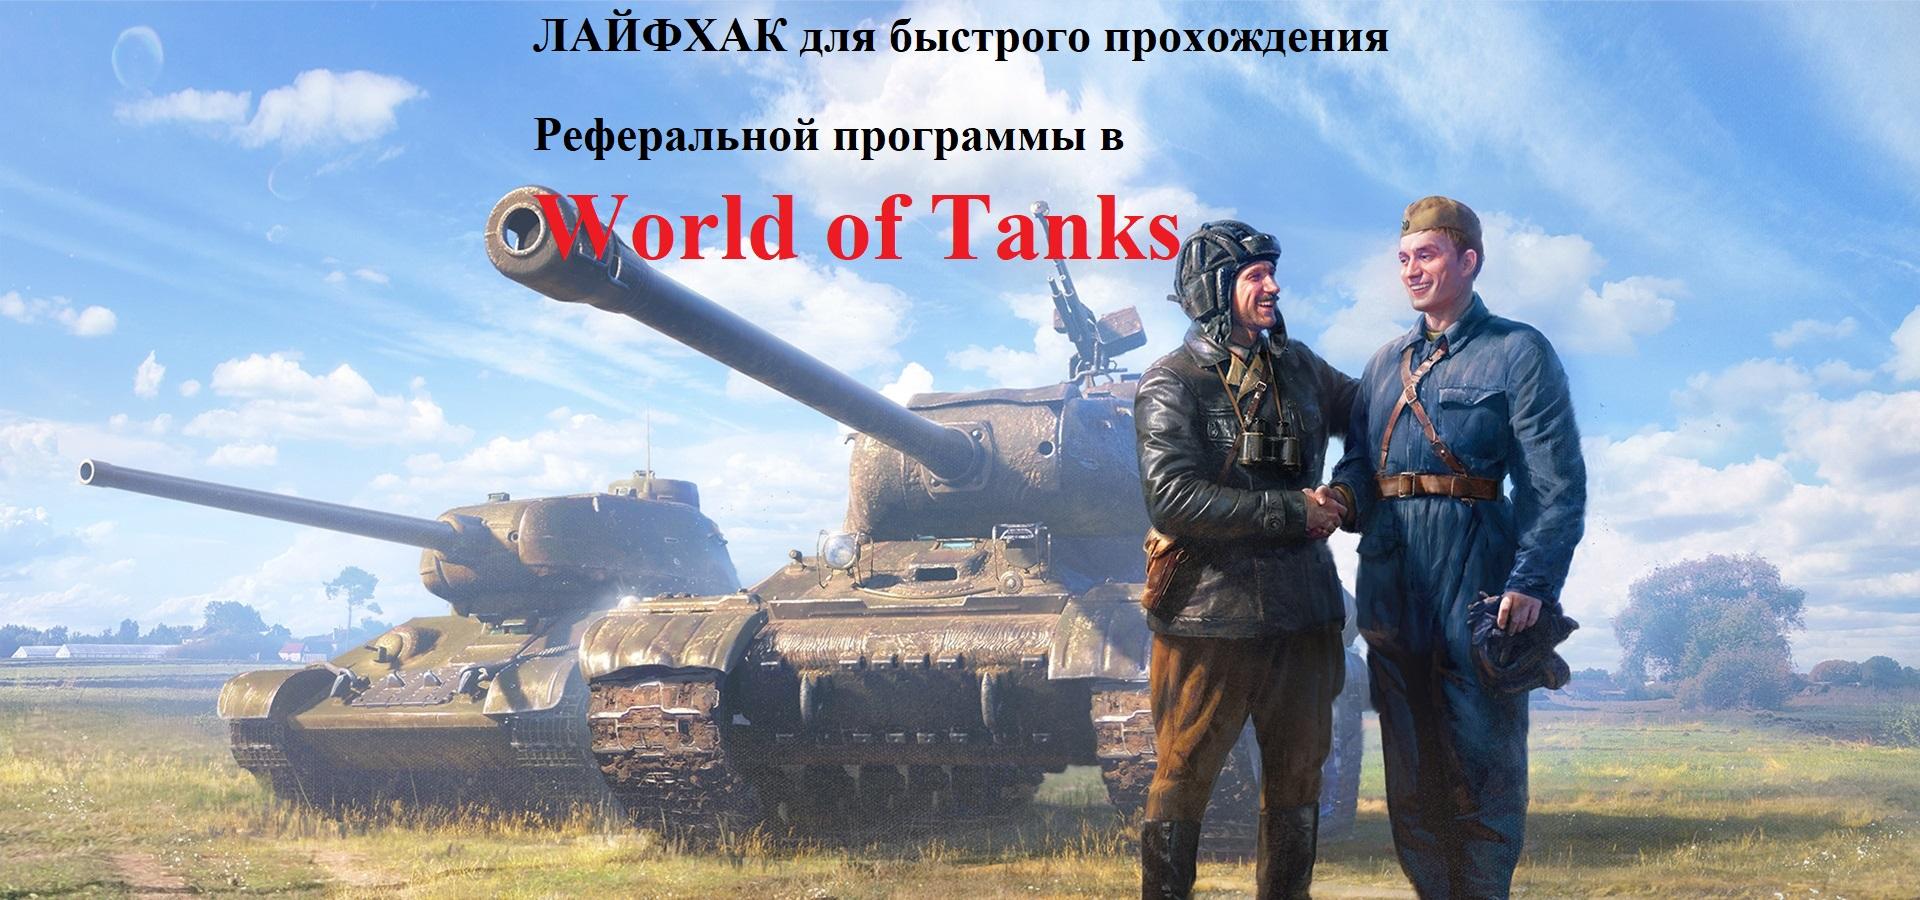 Как быстро пройти реферальную программу 3.0 в World of Tanks одному